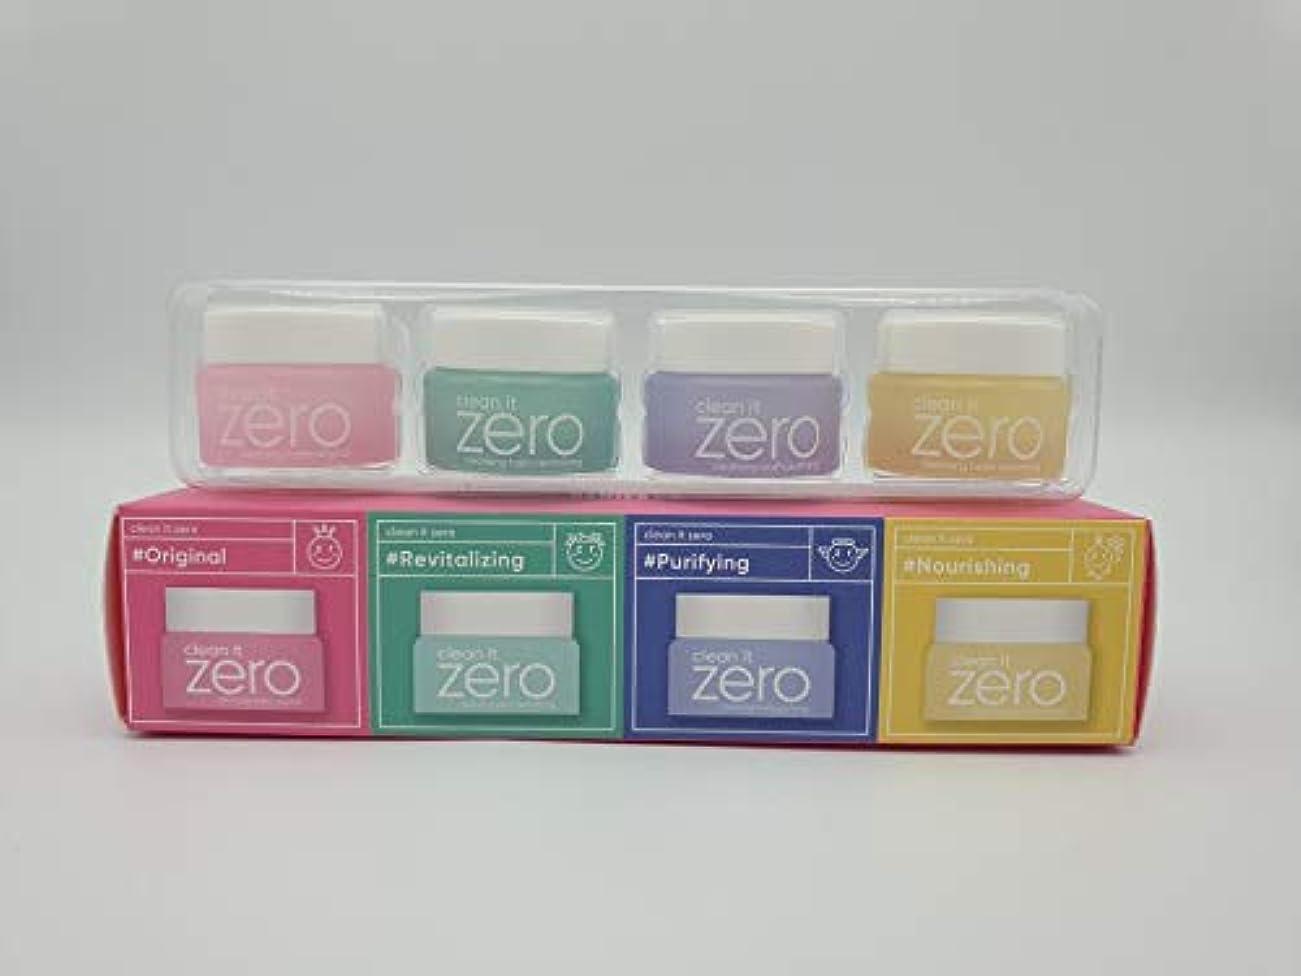 任意立派な適合BANILA CO Clean It Zero Special Kit (7ml×4items)/バニラコ クリーン イット ゼロ スペシャル キット (7ml×4種) [並行輸入品]